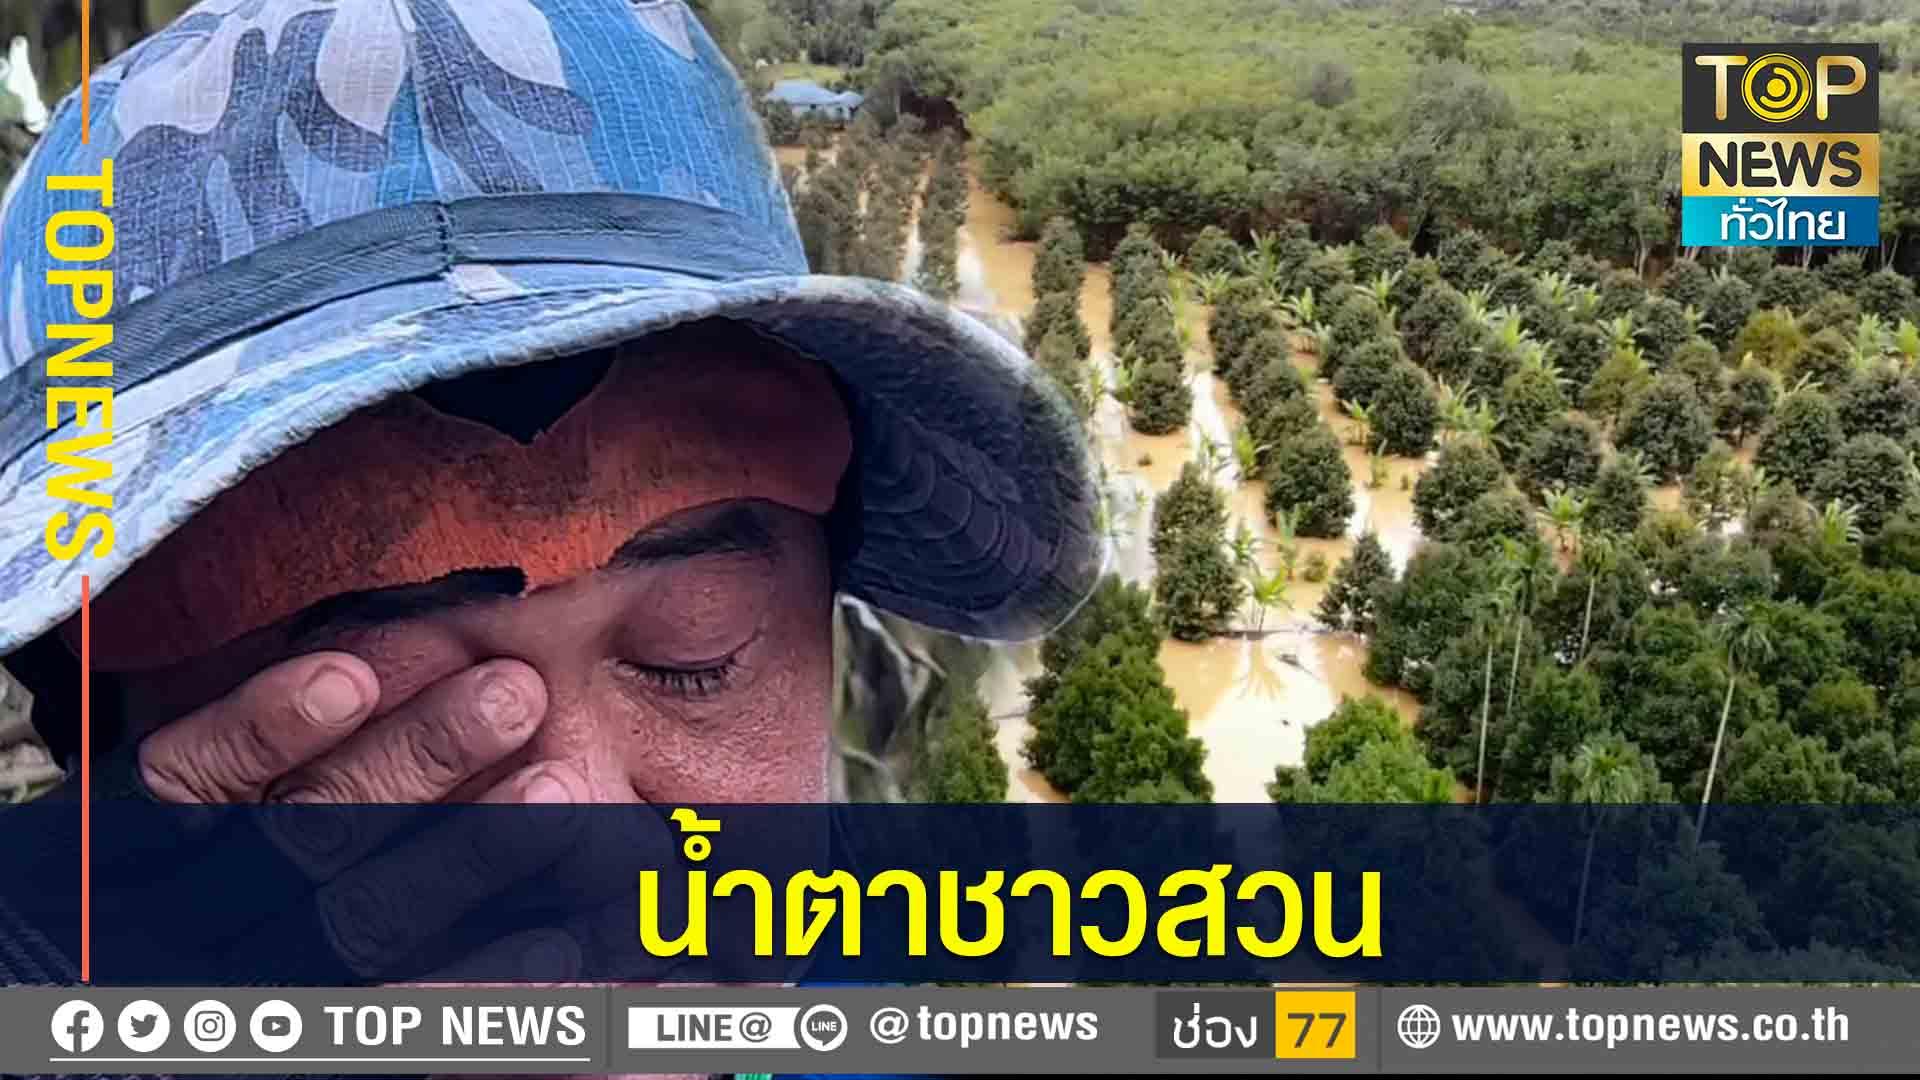 ชาวสวนทุเรียนหลั่งน้ำตา..หลังน้ำลด เจอปัญหาต้นทุเรียนตาย